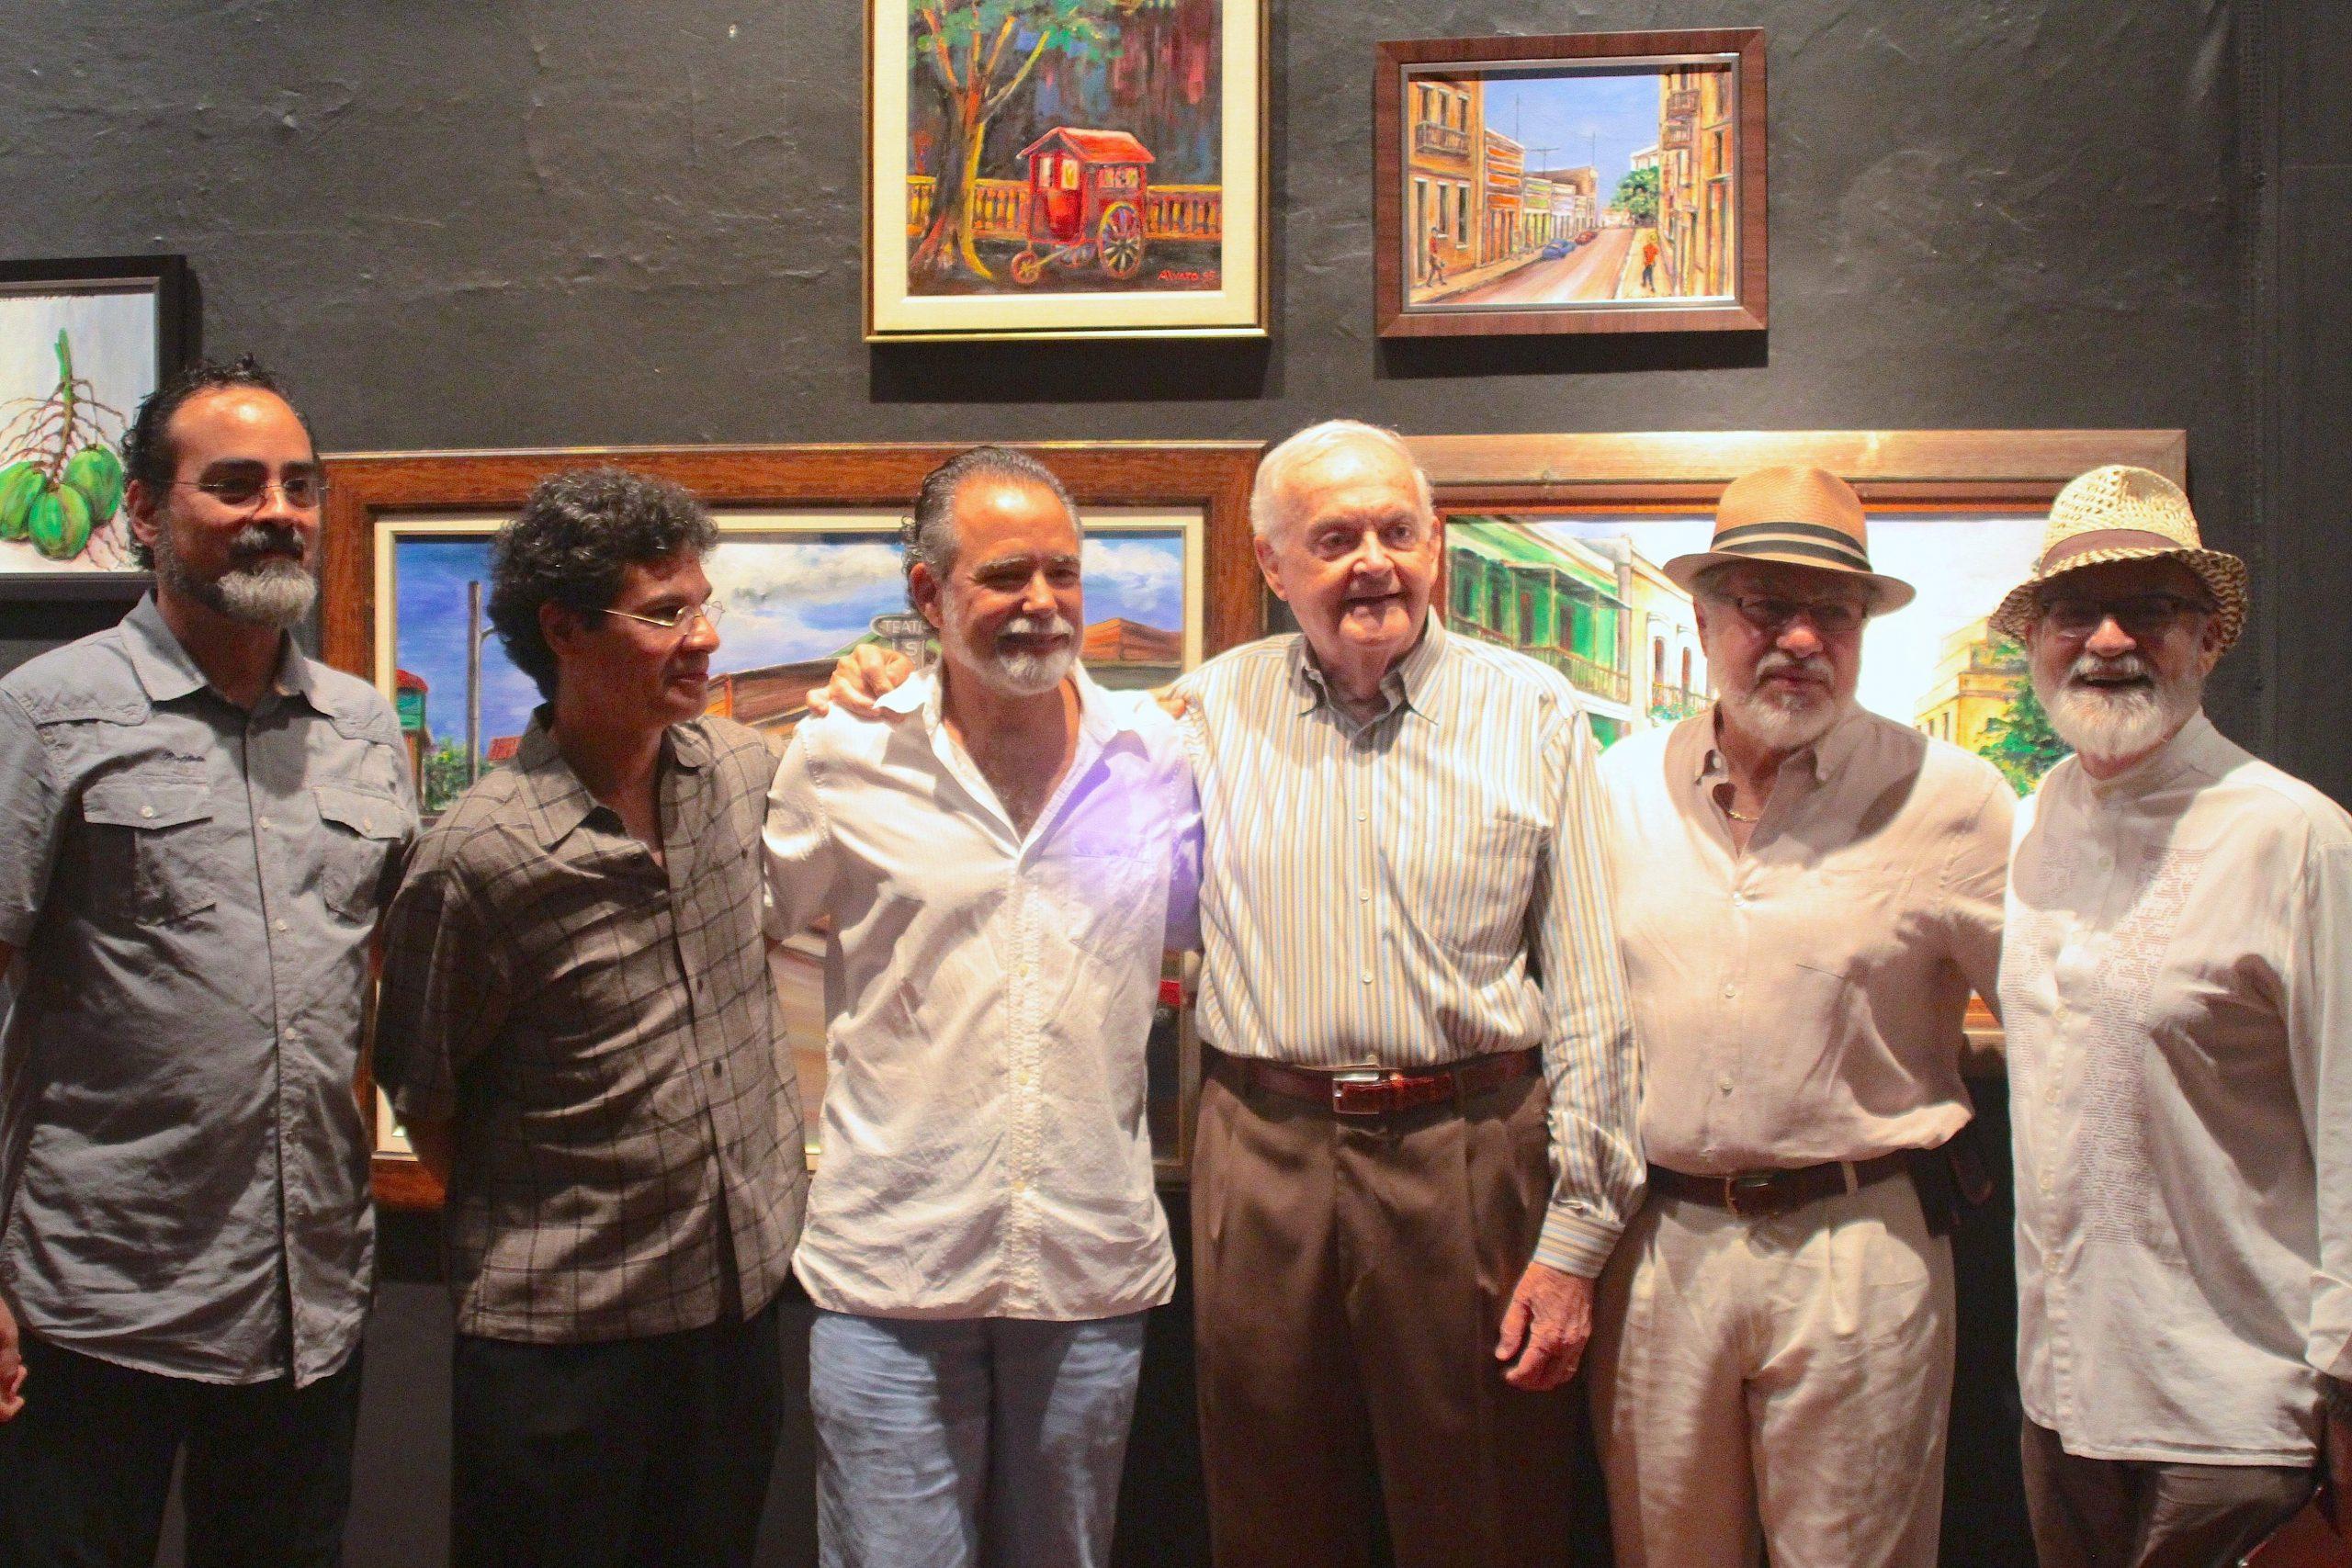 Los artistas plásticos Cecilio Colón Guzmán, Nick Quijano, Rafael Trelles, Rafael Rivera Rosa y Antonio Martorell felicitaron a Calderón (cuarto de izquierda a derecha) en esa emotiva ocasión. (Foto suministrada)